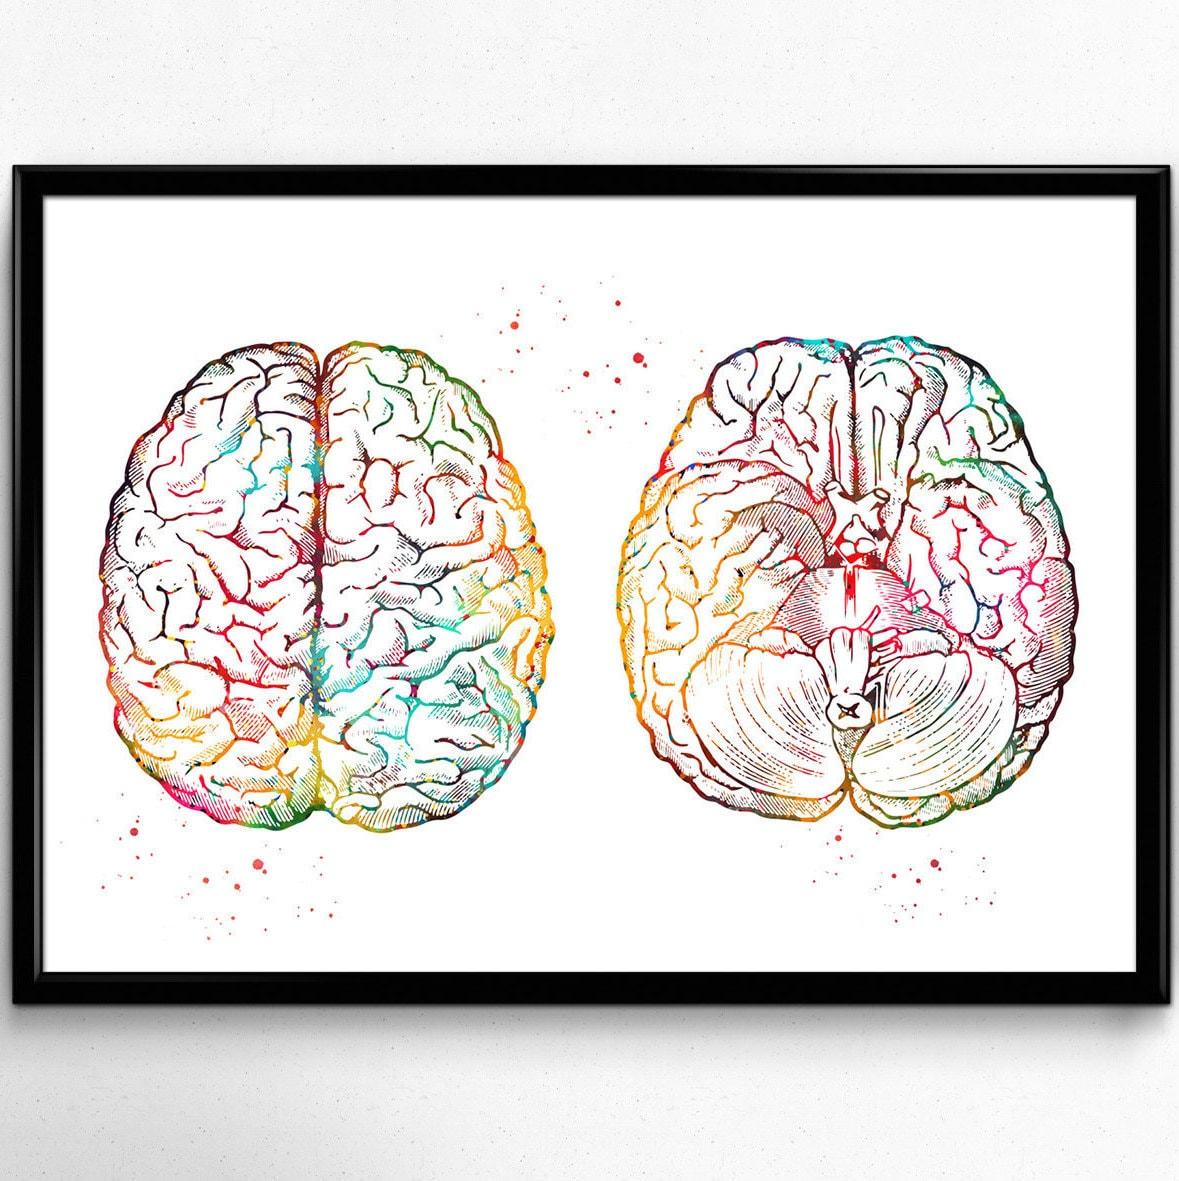 Menschliche Gehirn Regelung die Anatomie des Gehirns | Etsy